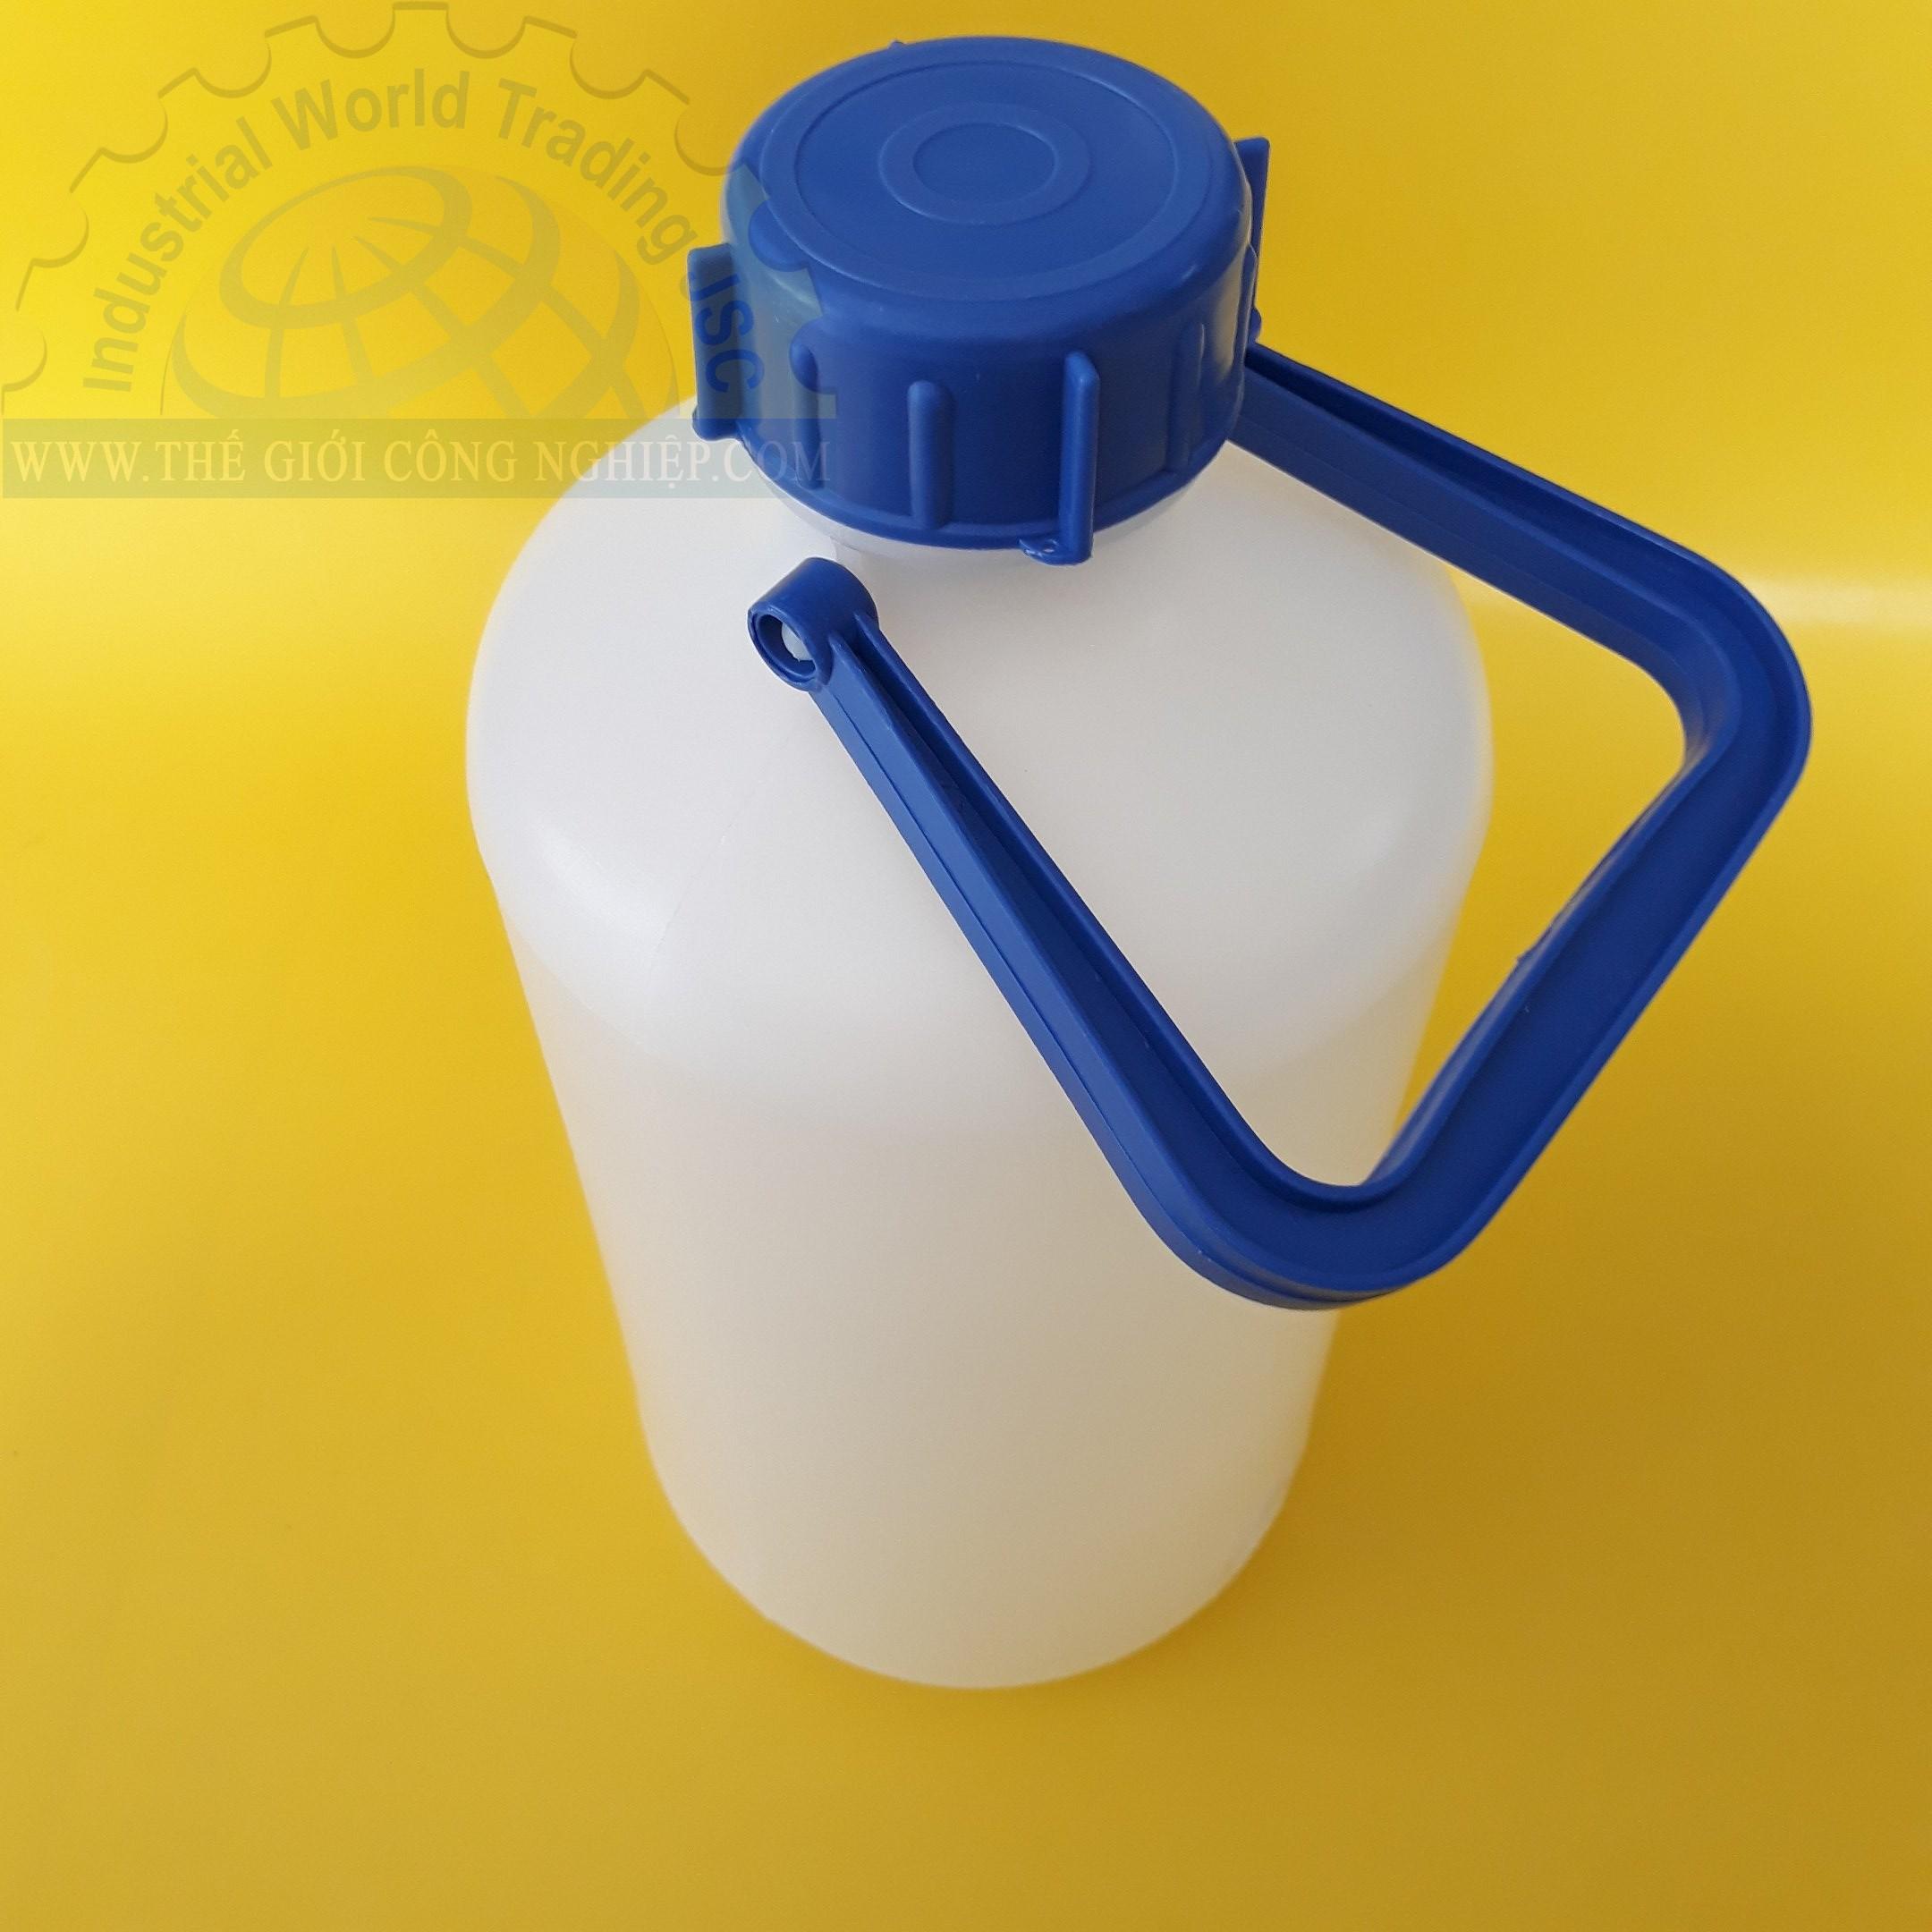 Bình nhựa có van 5L HDPE  11041 Kartell